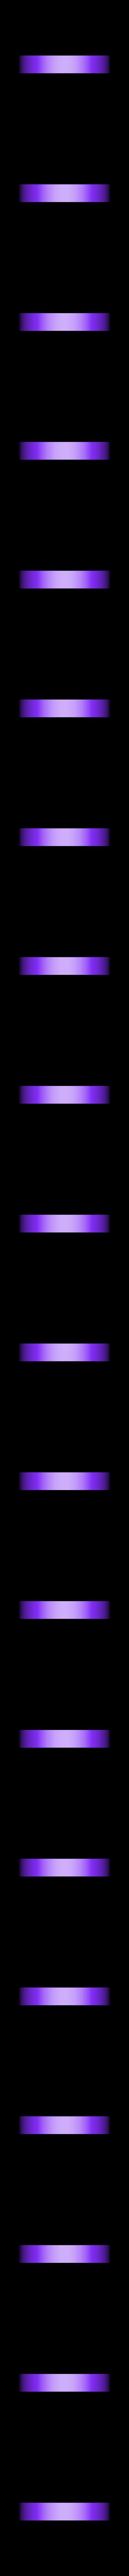 screw_test.stl Télécharger fichier STL gratuit Hanging jar holder • Design à imprimer en 3D, Barbe_Iturique